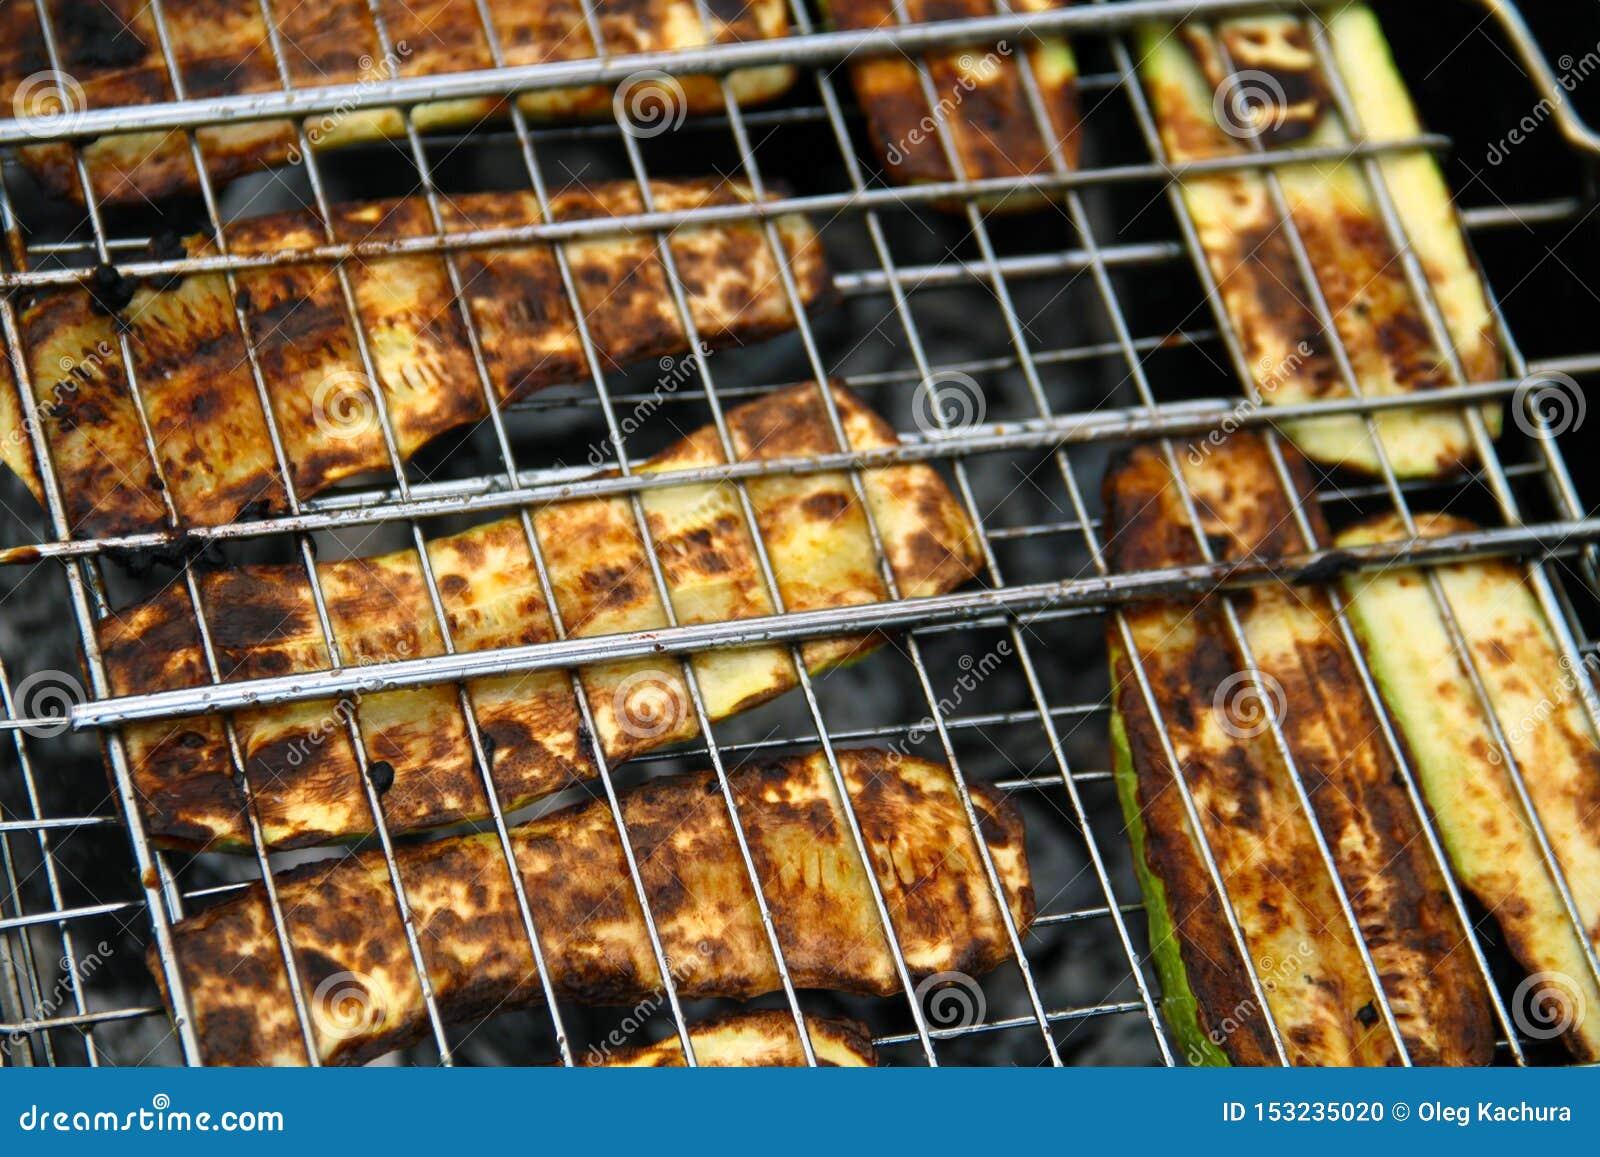 Geroosterde gesneden courgette op een brand die in rijen op de grill onder brandende steenkolen wordt opgemaakt